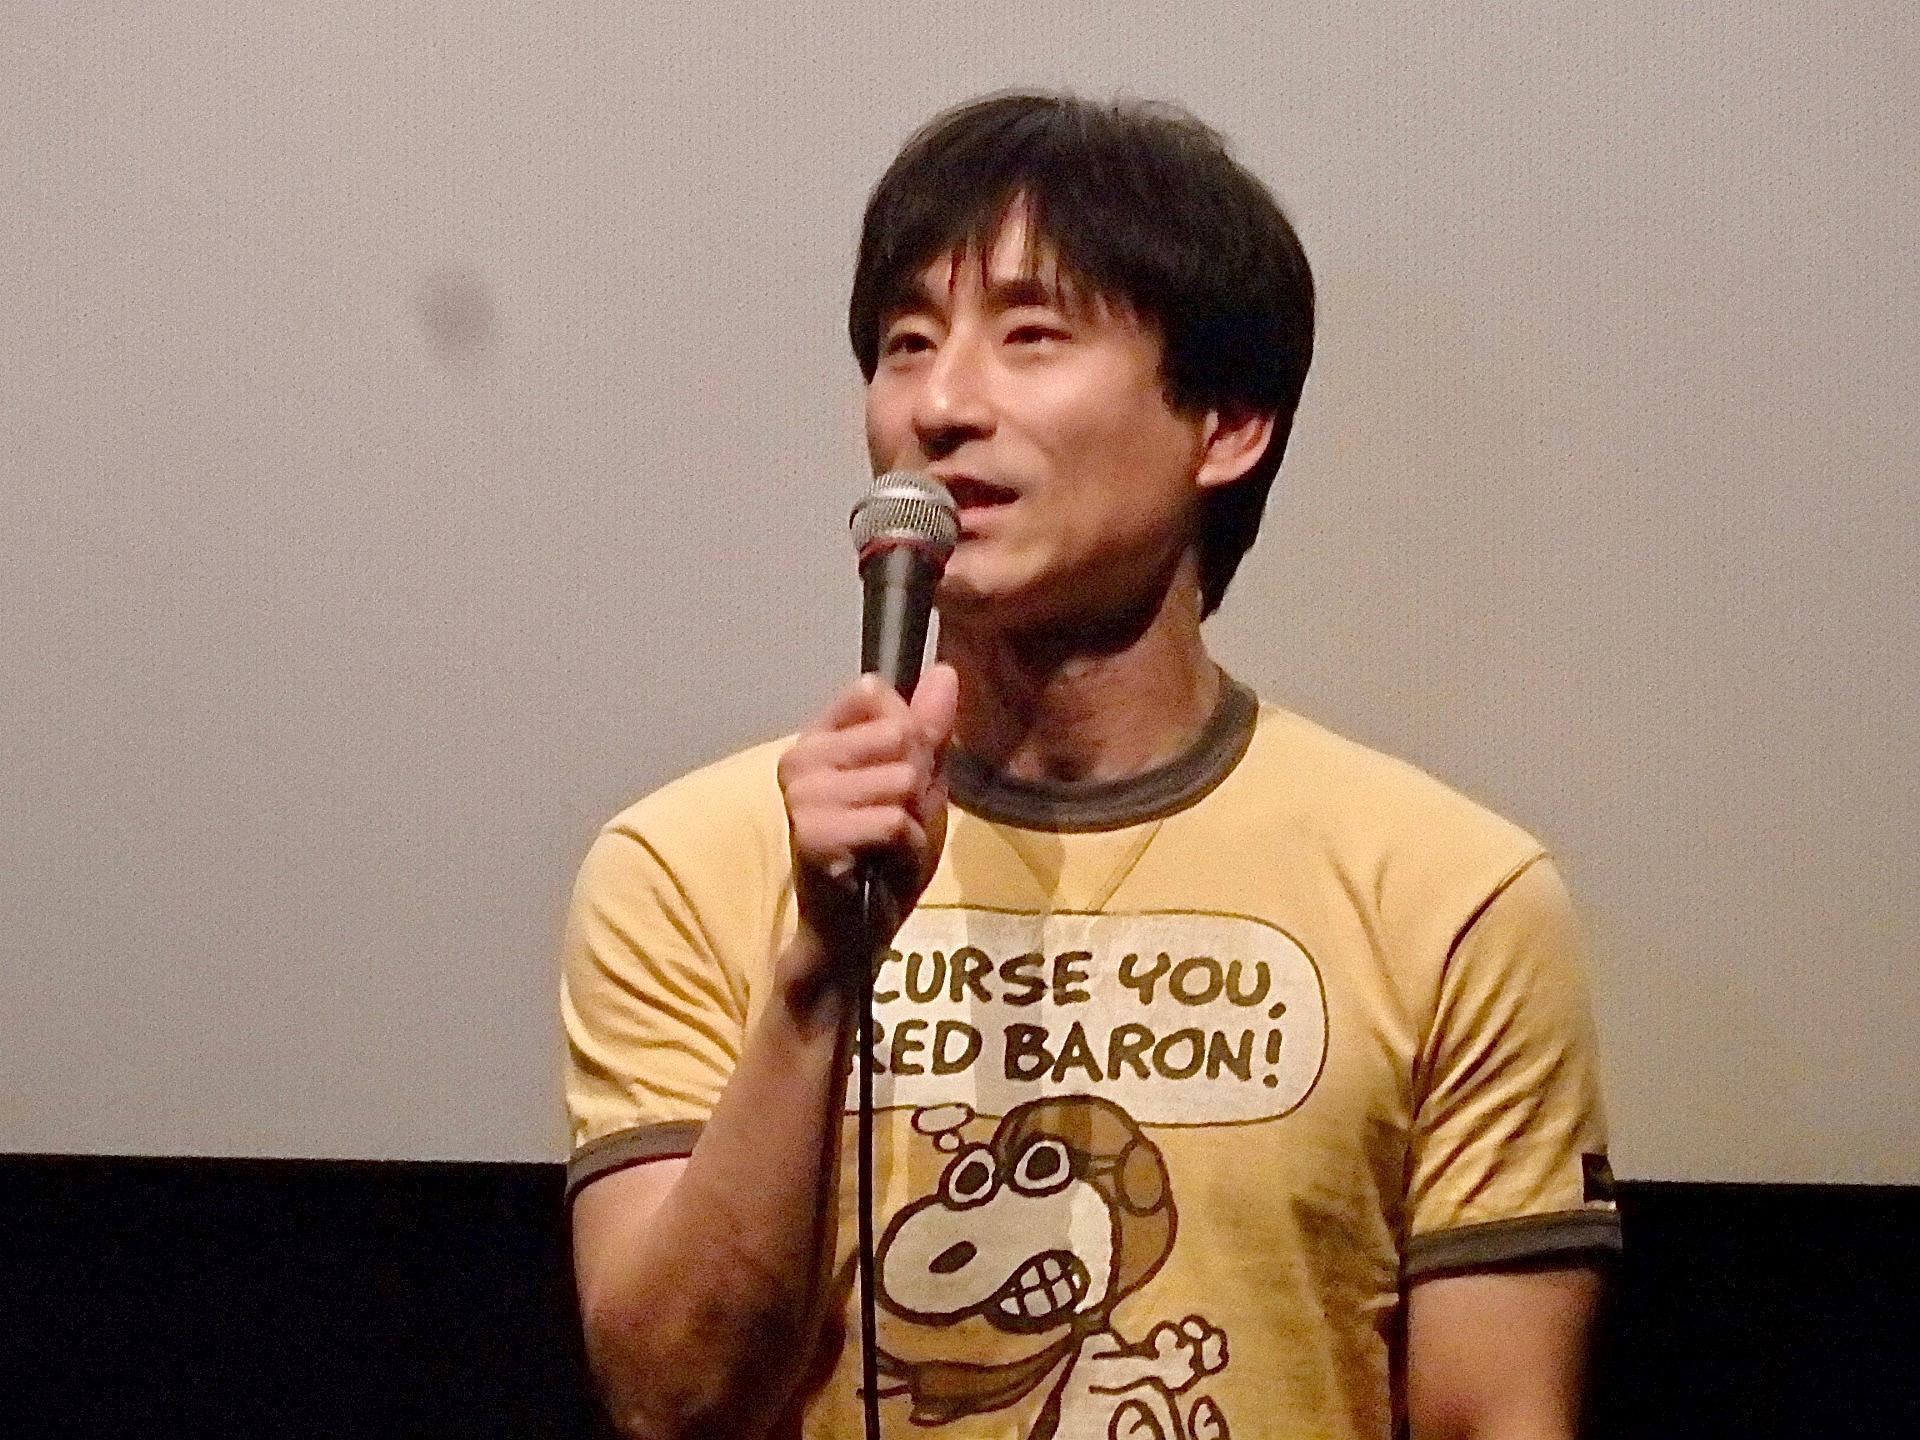 http://news.yoshimoto.co.jp/20171006133347-41369c0321db337ffcd66a5fdf7c84c298c6f2b4.jpg